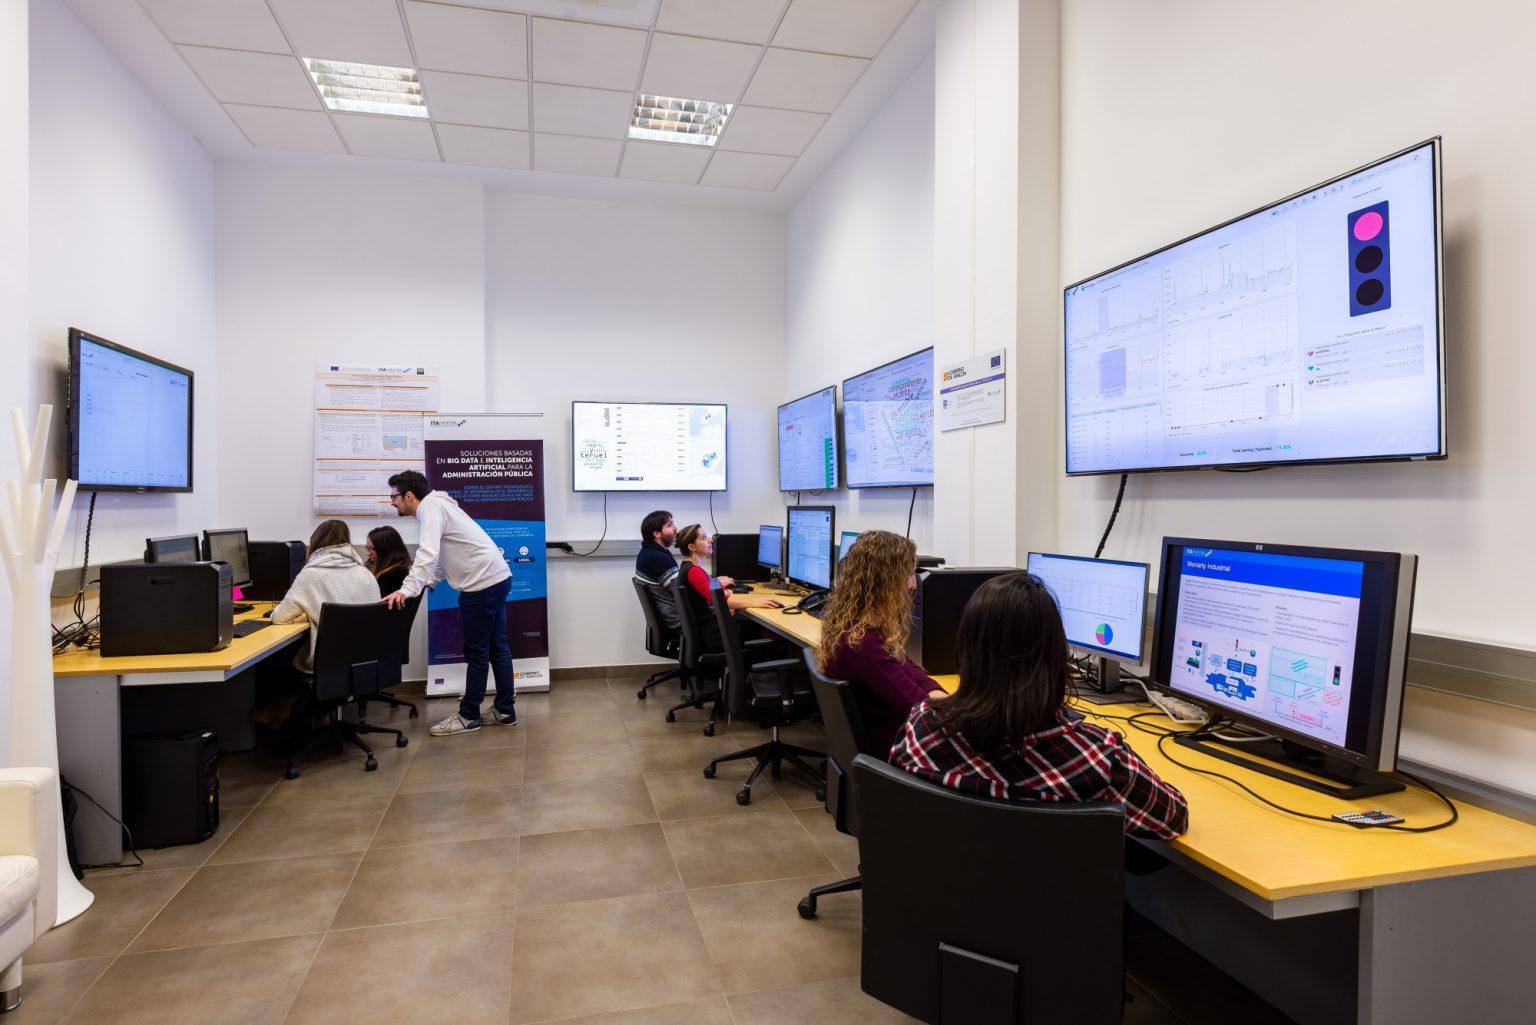 El proyecto DIGITbrain lanza la convocatoria de ayudas de hasta 100.000€ para desarrollar experimentos industriales de gemelo digital